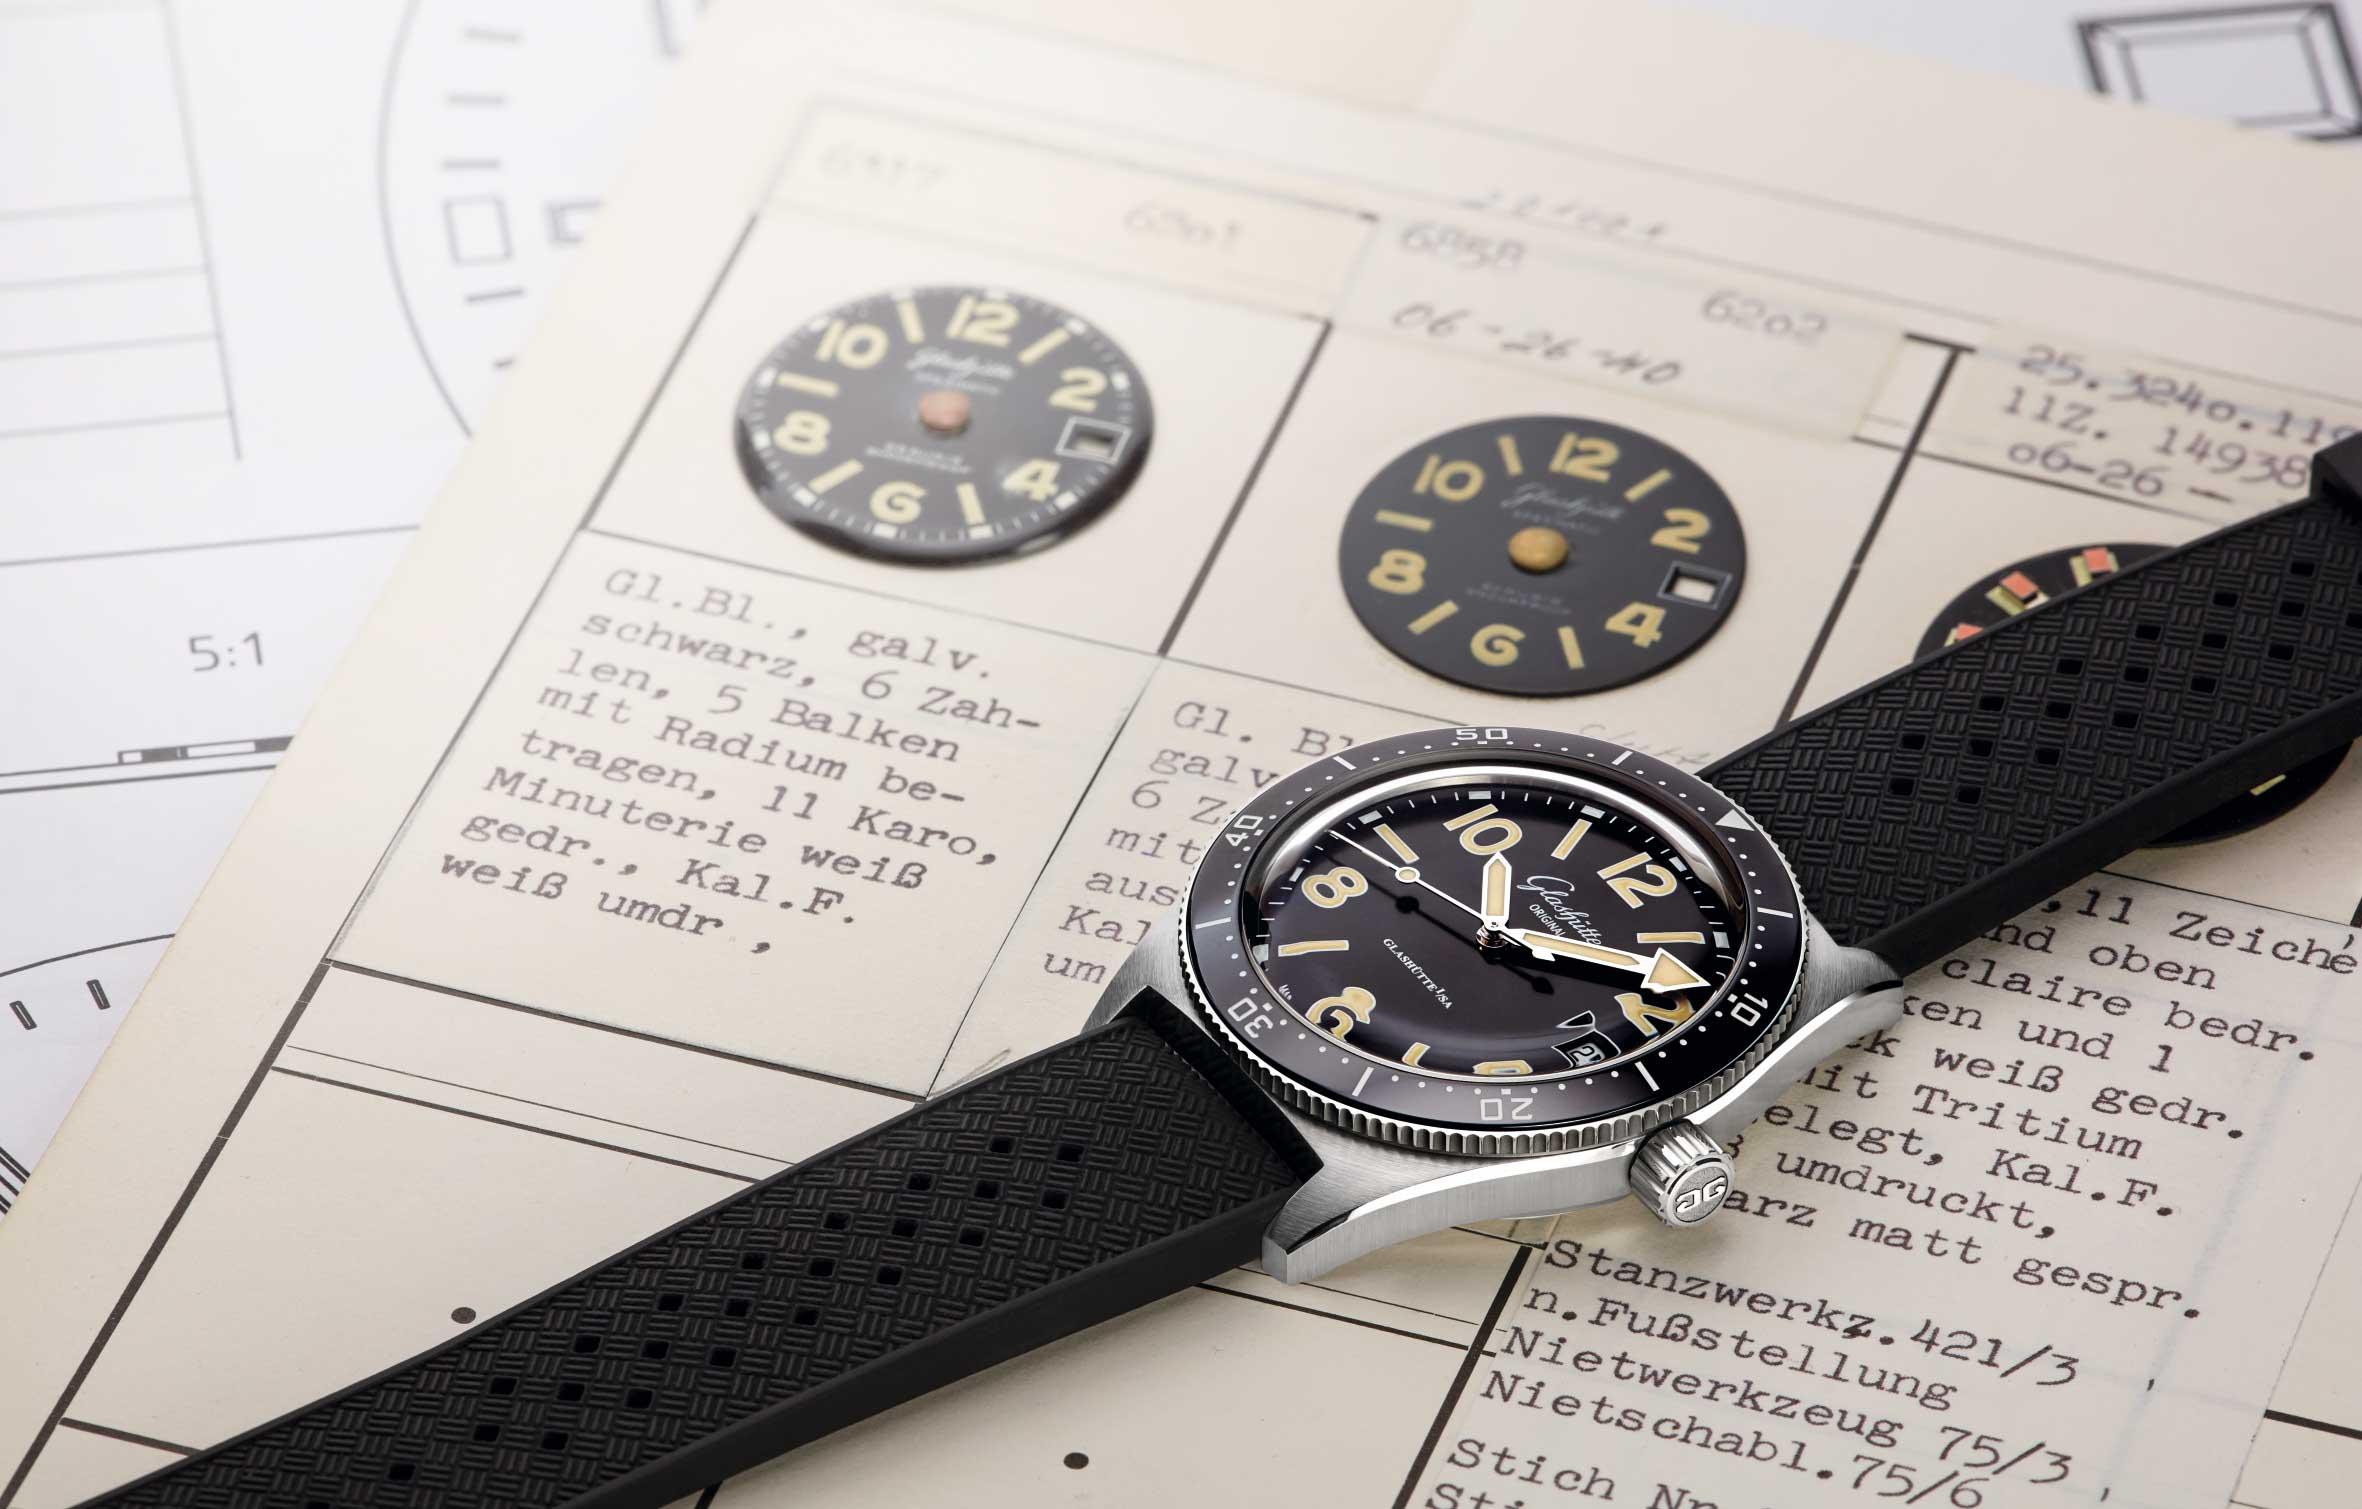 全新表盘,专为潜水表而作——Glashütte Original 格拉苏蒂原创卓越工艺,打造SeaQ腕表专属表盘